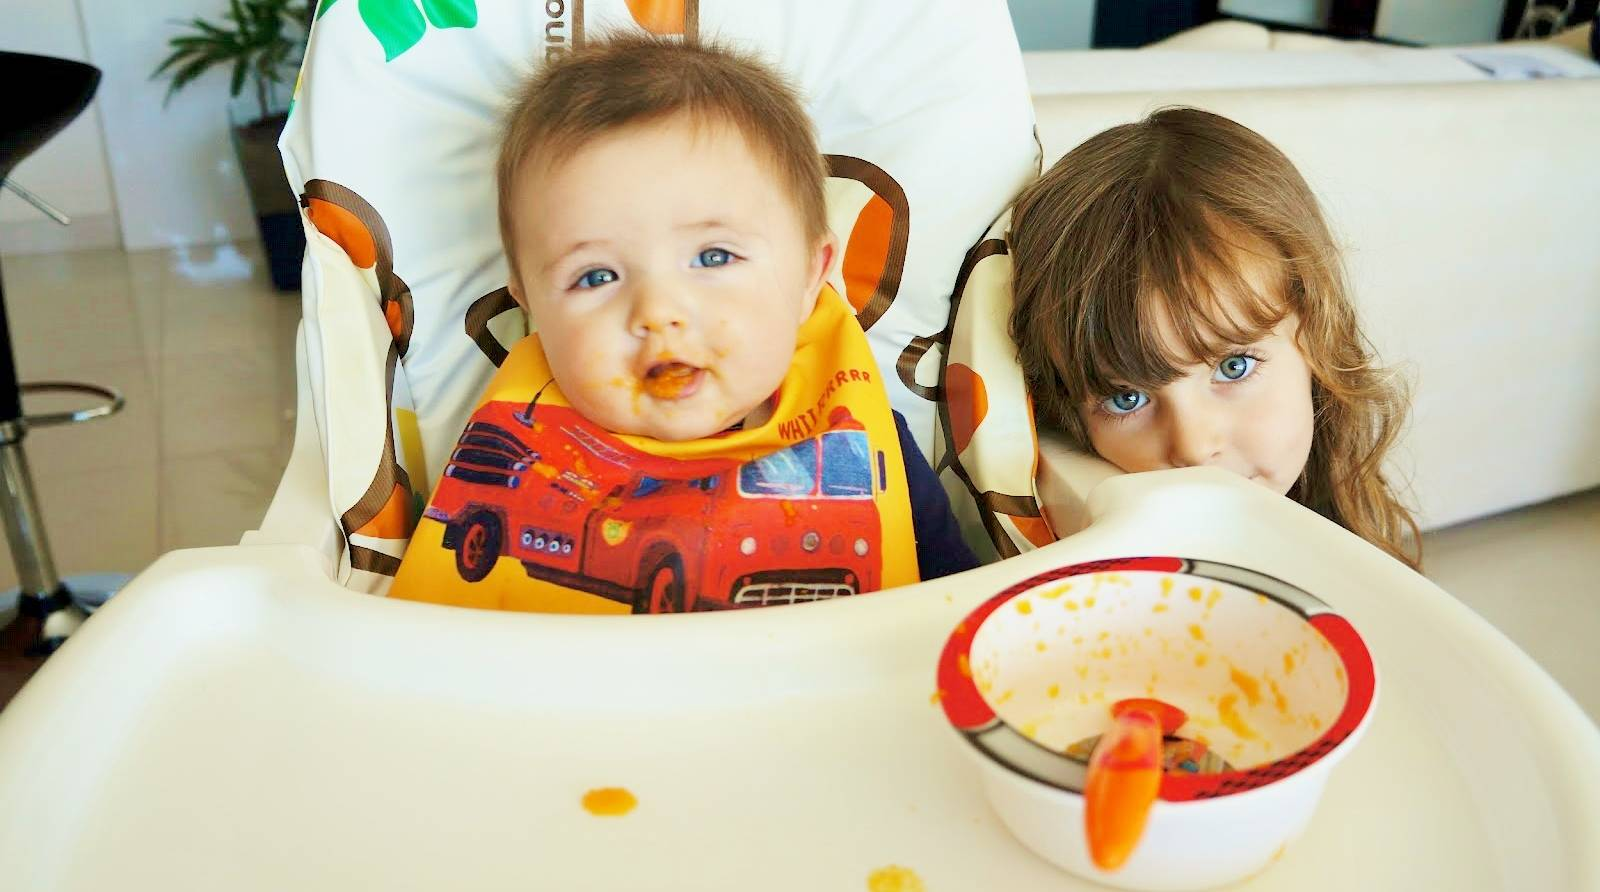 Incluir seu filho mais velho nas atividades que envolvem seu novo bebê, como dar uma papinha, pode trazer mais entrosamento entre eles.